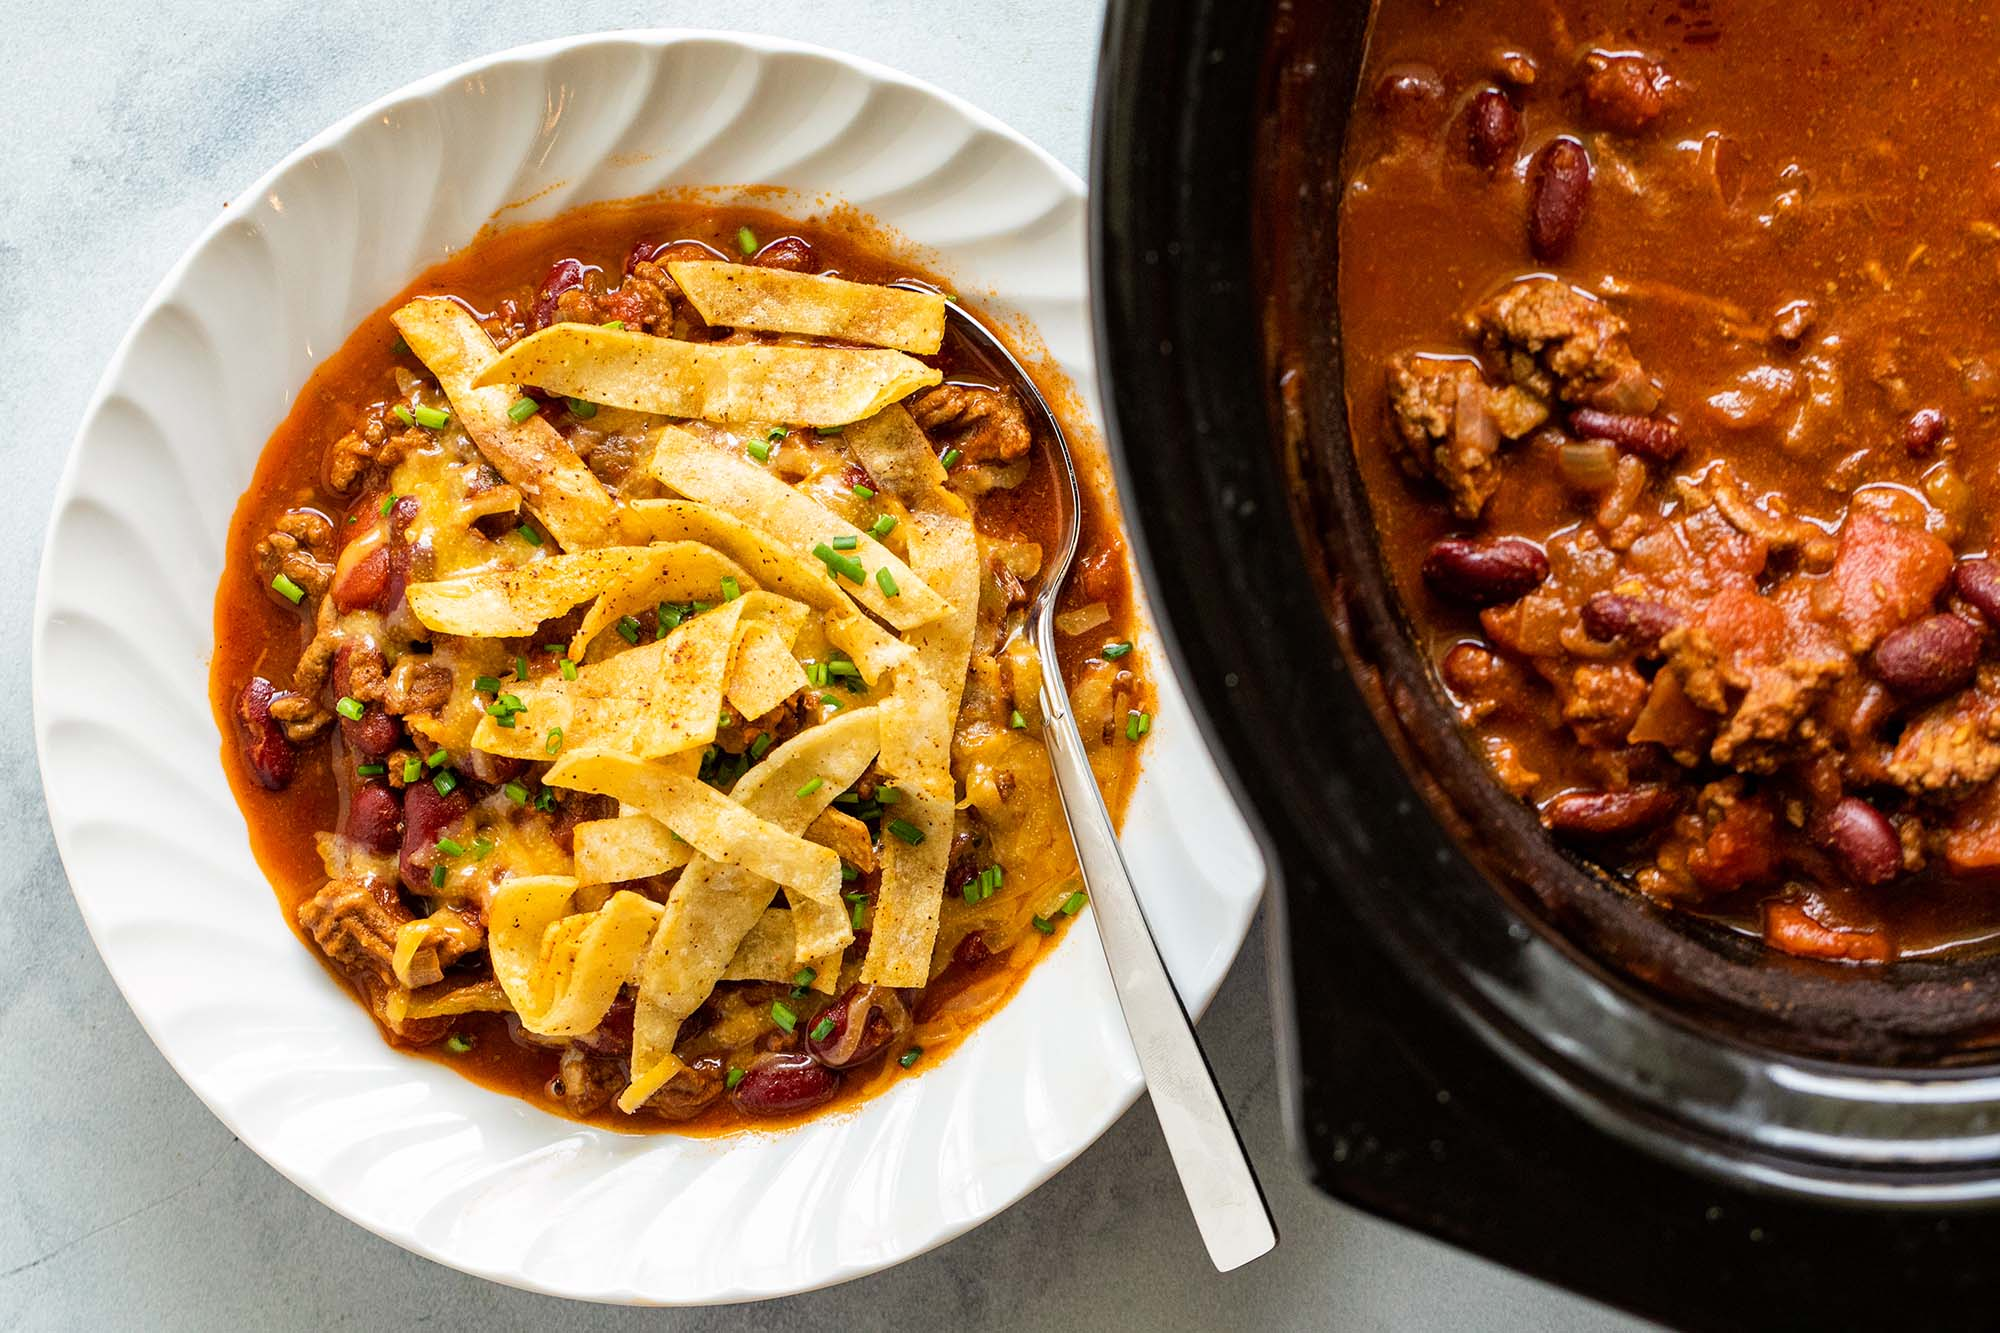 Easy Slow Cooker Beef and Bean Chili, покрытые жареными ножками из тортильи в белой миске. Мультиварка находится справа от миски.